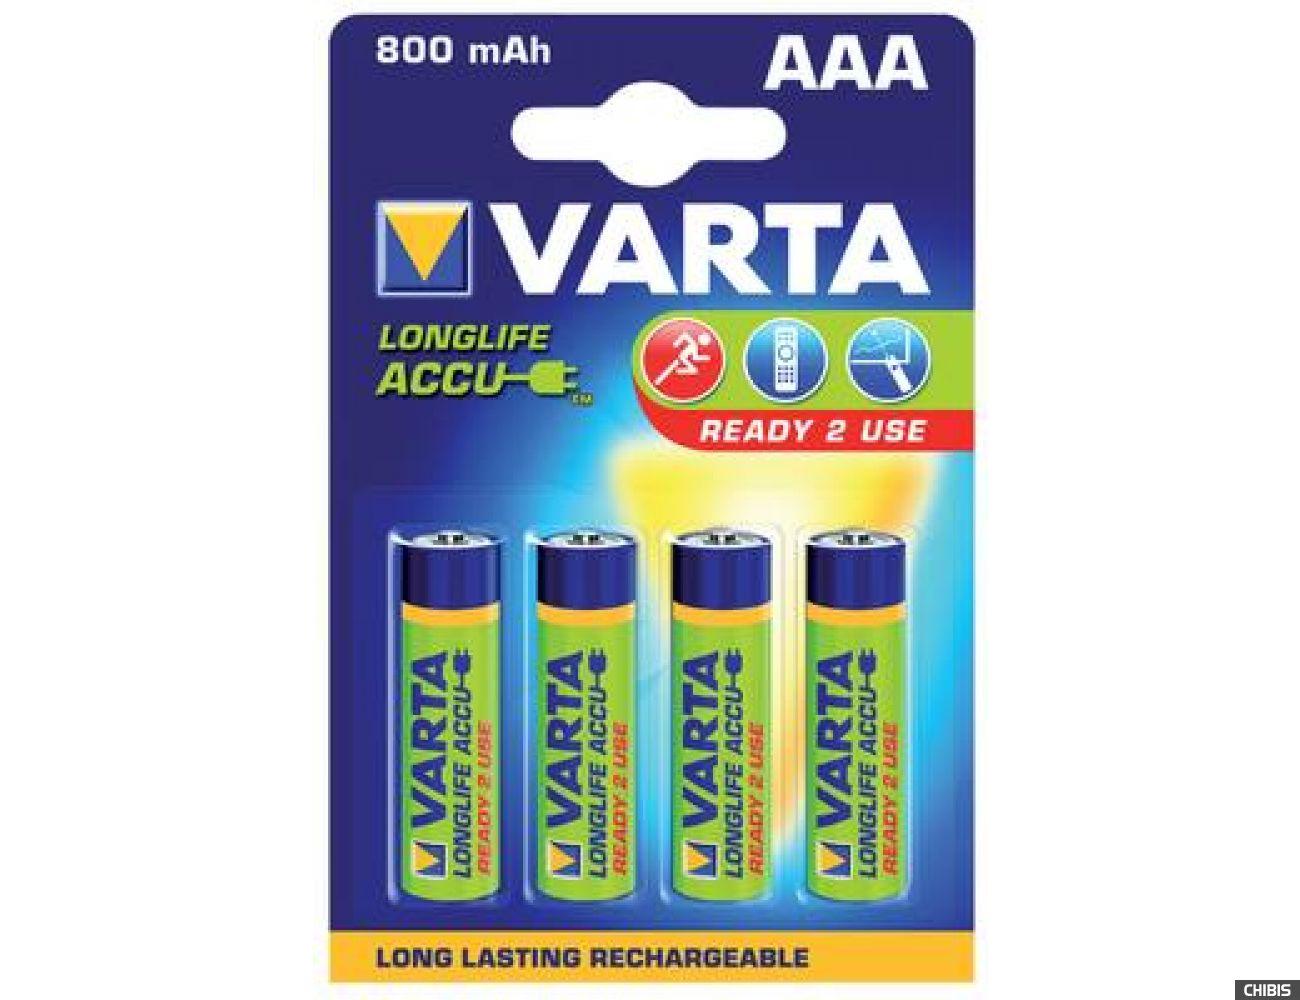 Аккумуляторные батарейки ААА Varta 800 mAh Longlife 4/4 шт. 56703101404